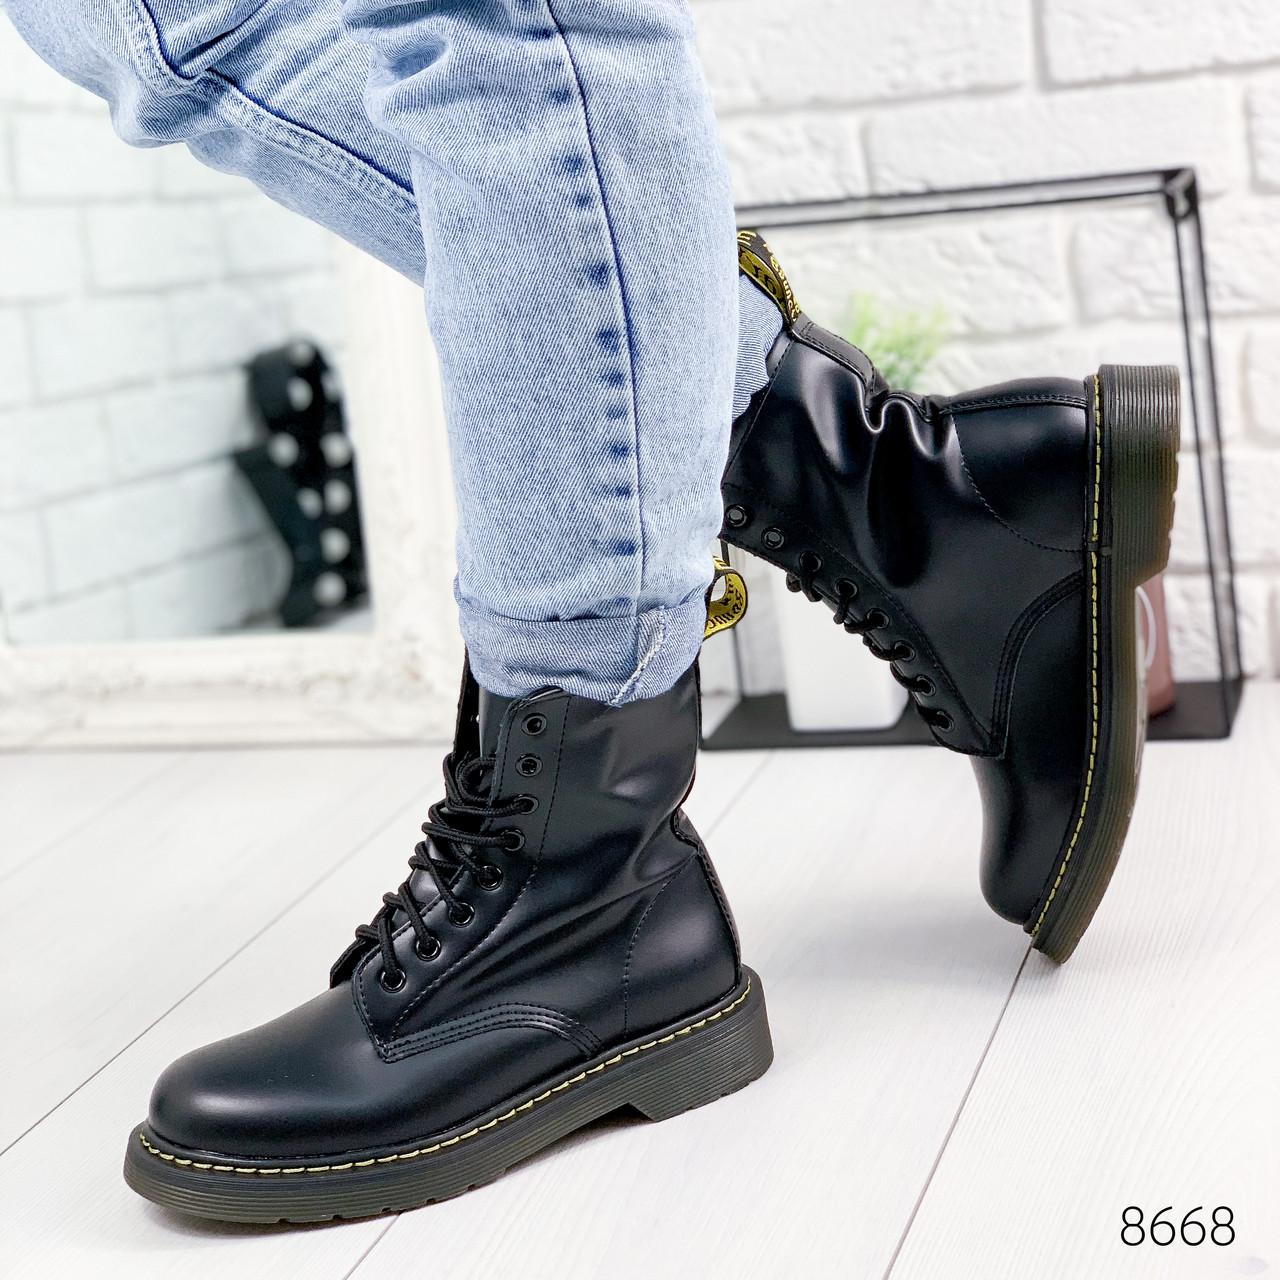 Ботинки женские в стиле Dr. Martens черные 8668